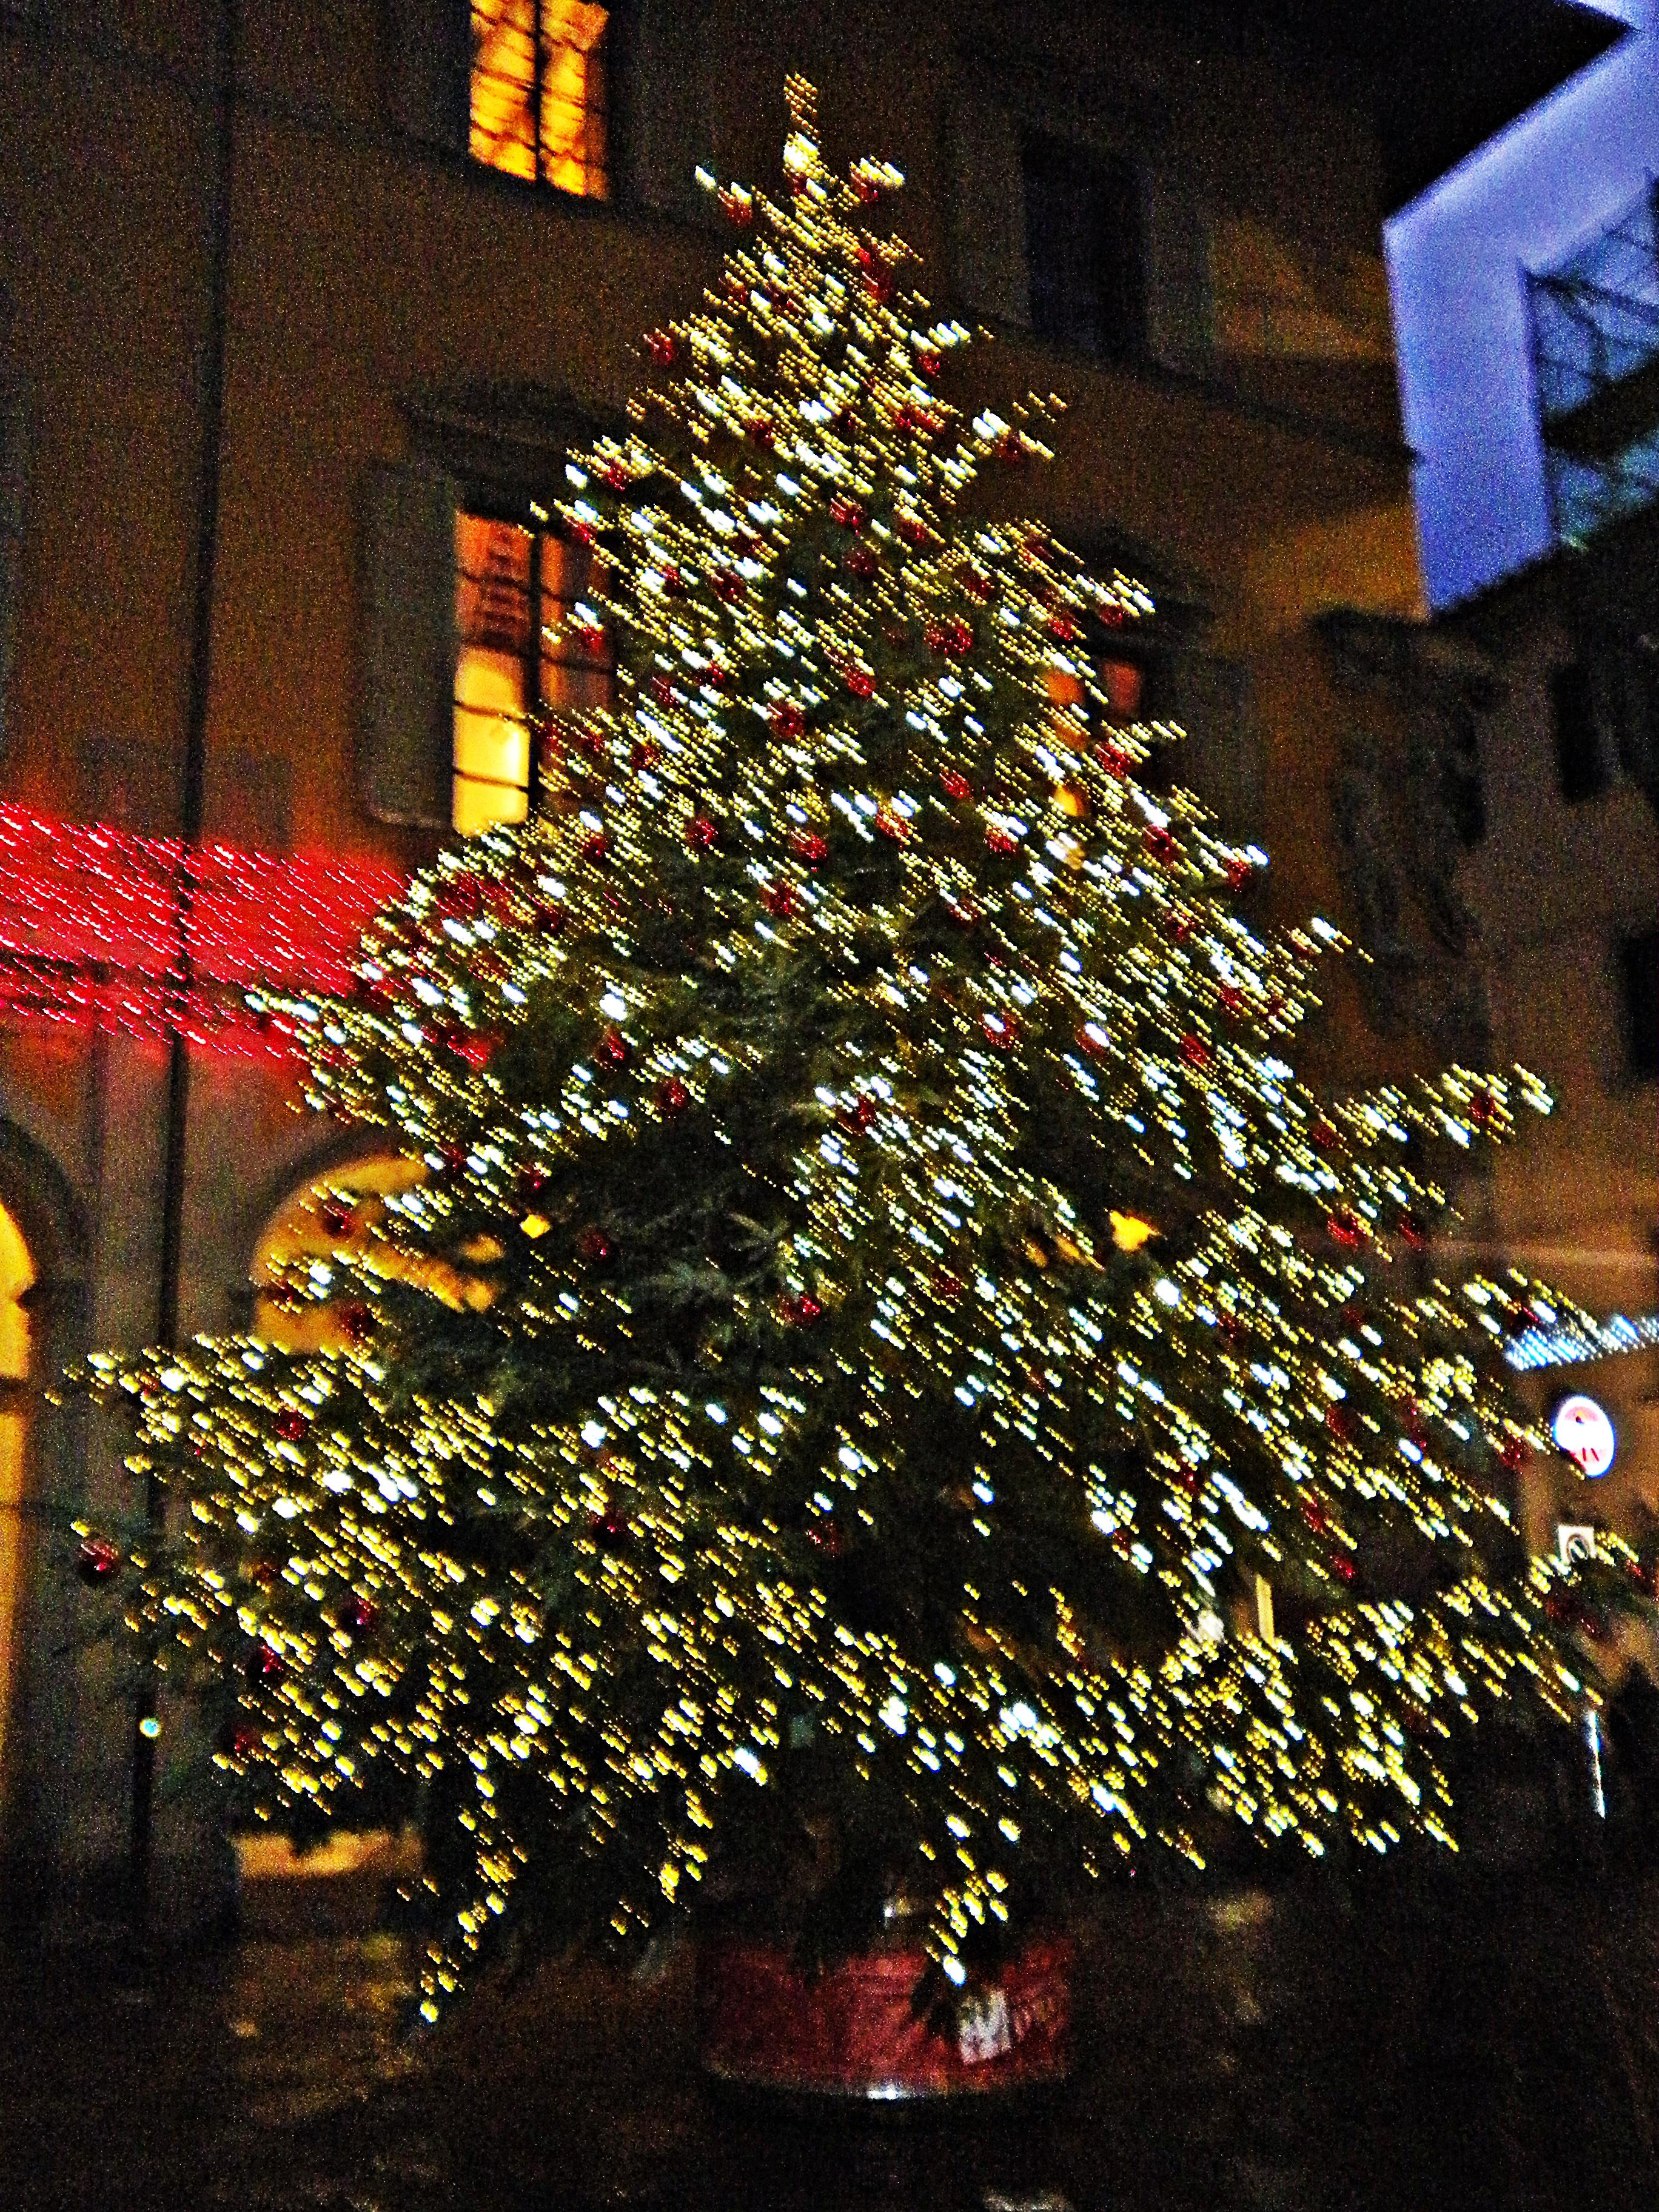 Albero Di Natale Wikipedia.File Albero Di Natale Piazza Del Comune Jpg Wikimedia Commons